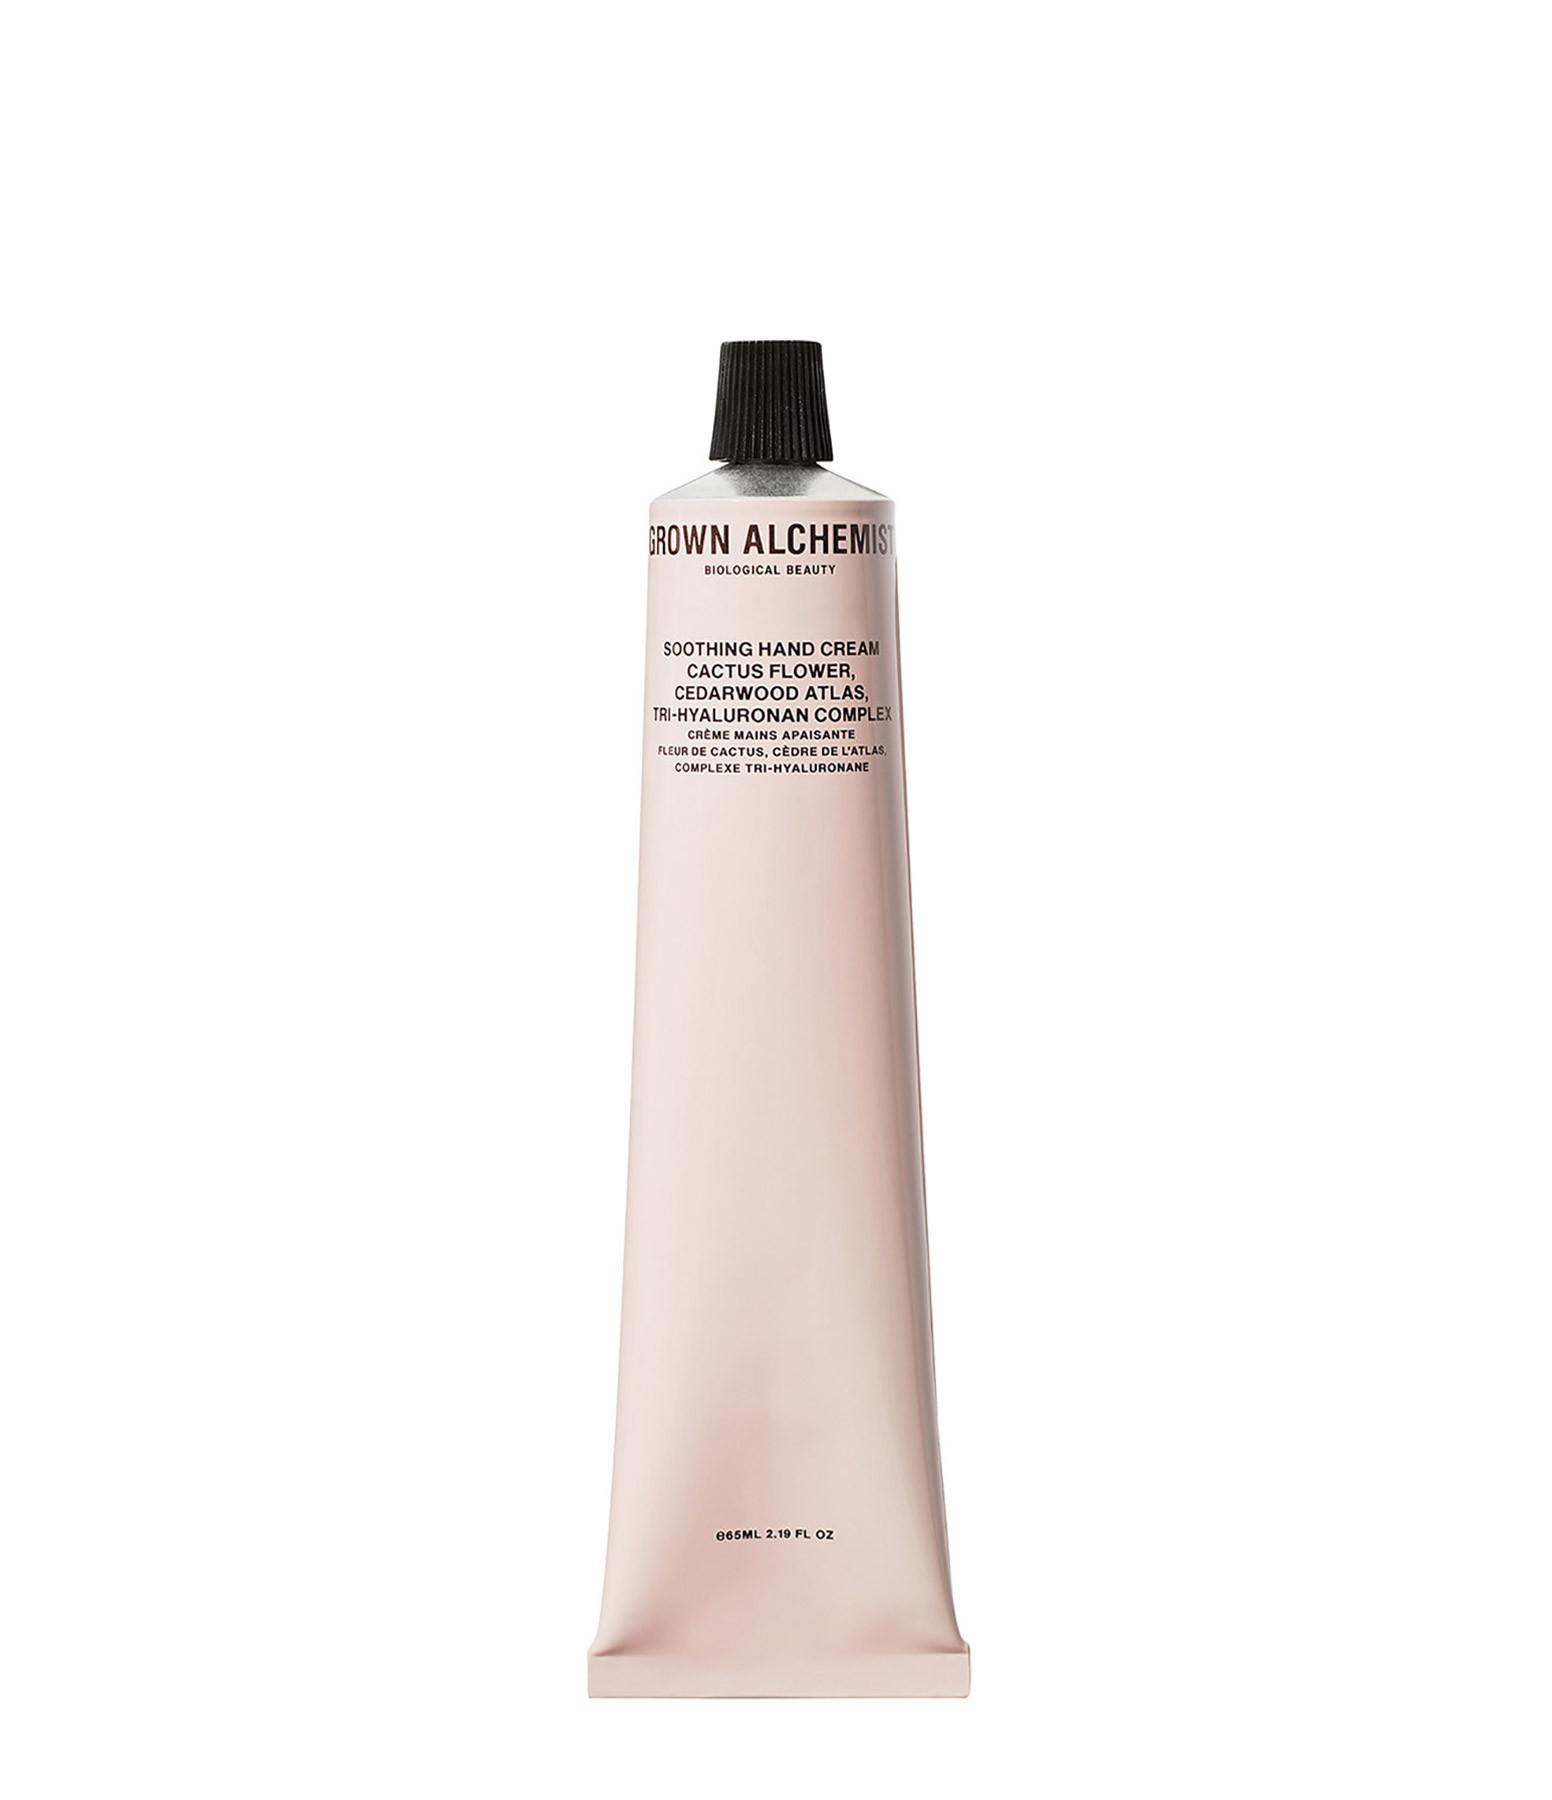 GROWN ALCHEMIST - Crème Apaisante pour les Mains 65 ml